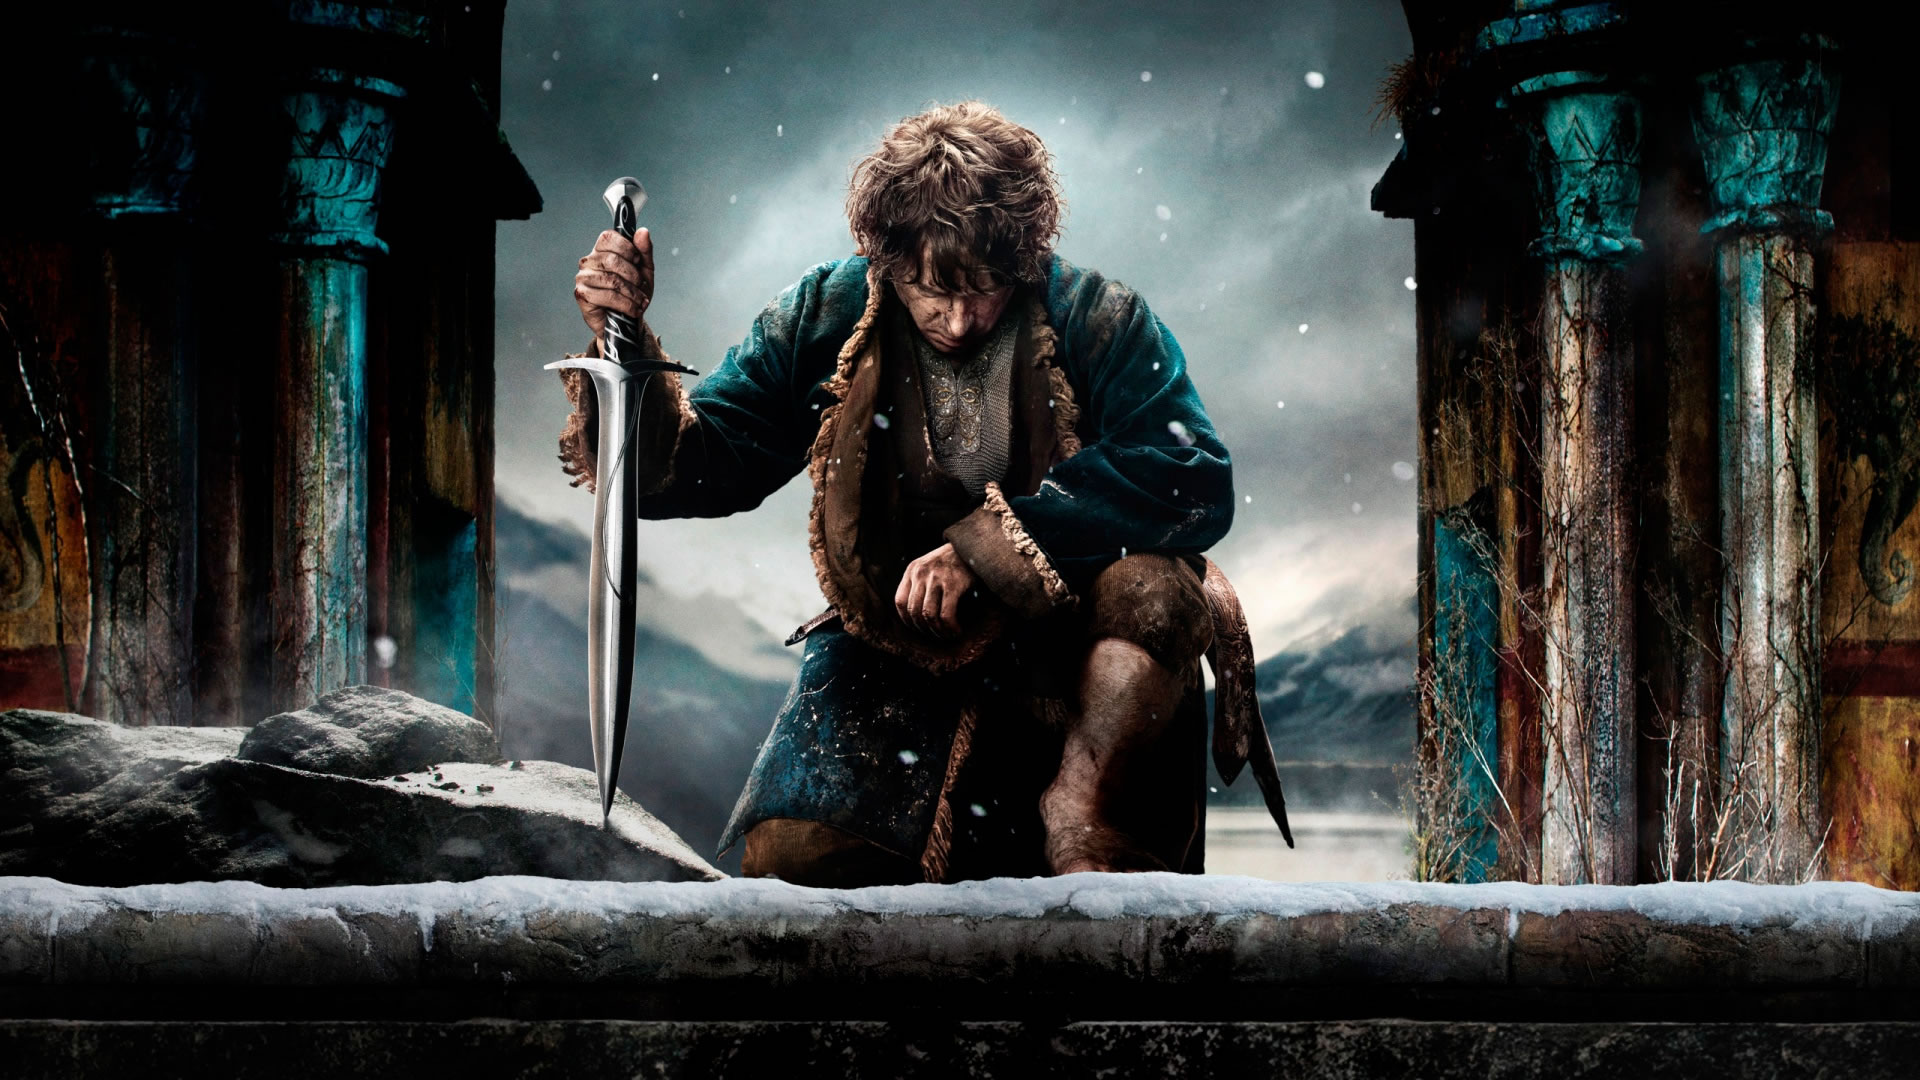 O Hobbit será um dos filmes exibidos pela emissora (Foto: Divulgação)